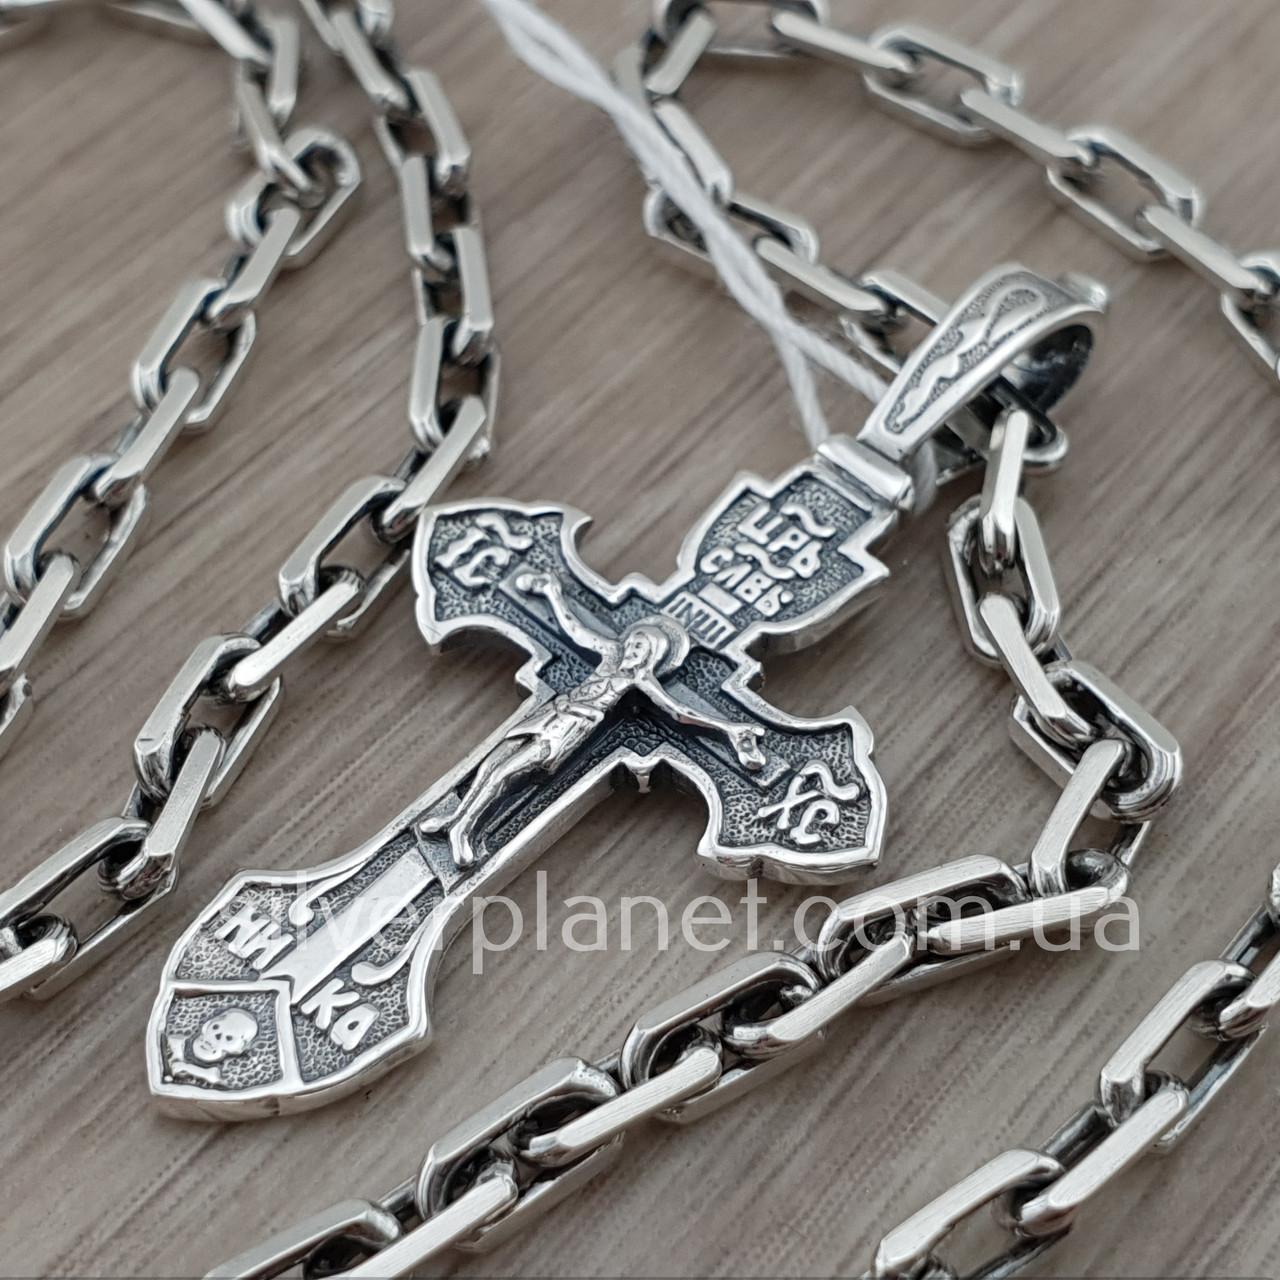 Комплект! Мужская серебряная цепь якорь и крестик с жестким ушком из серебра 925. Цепочка и кулон